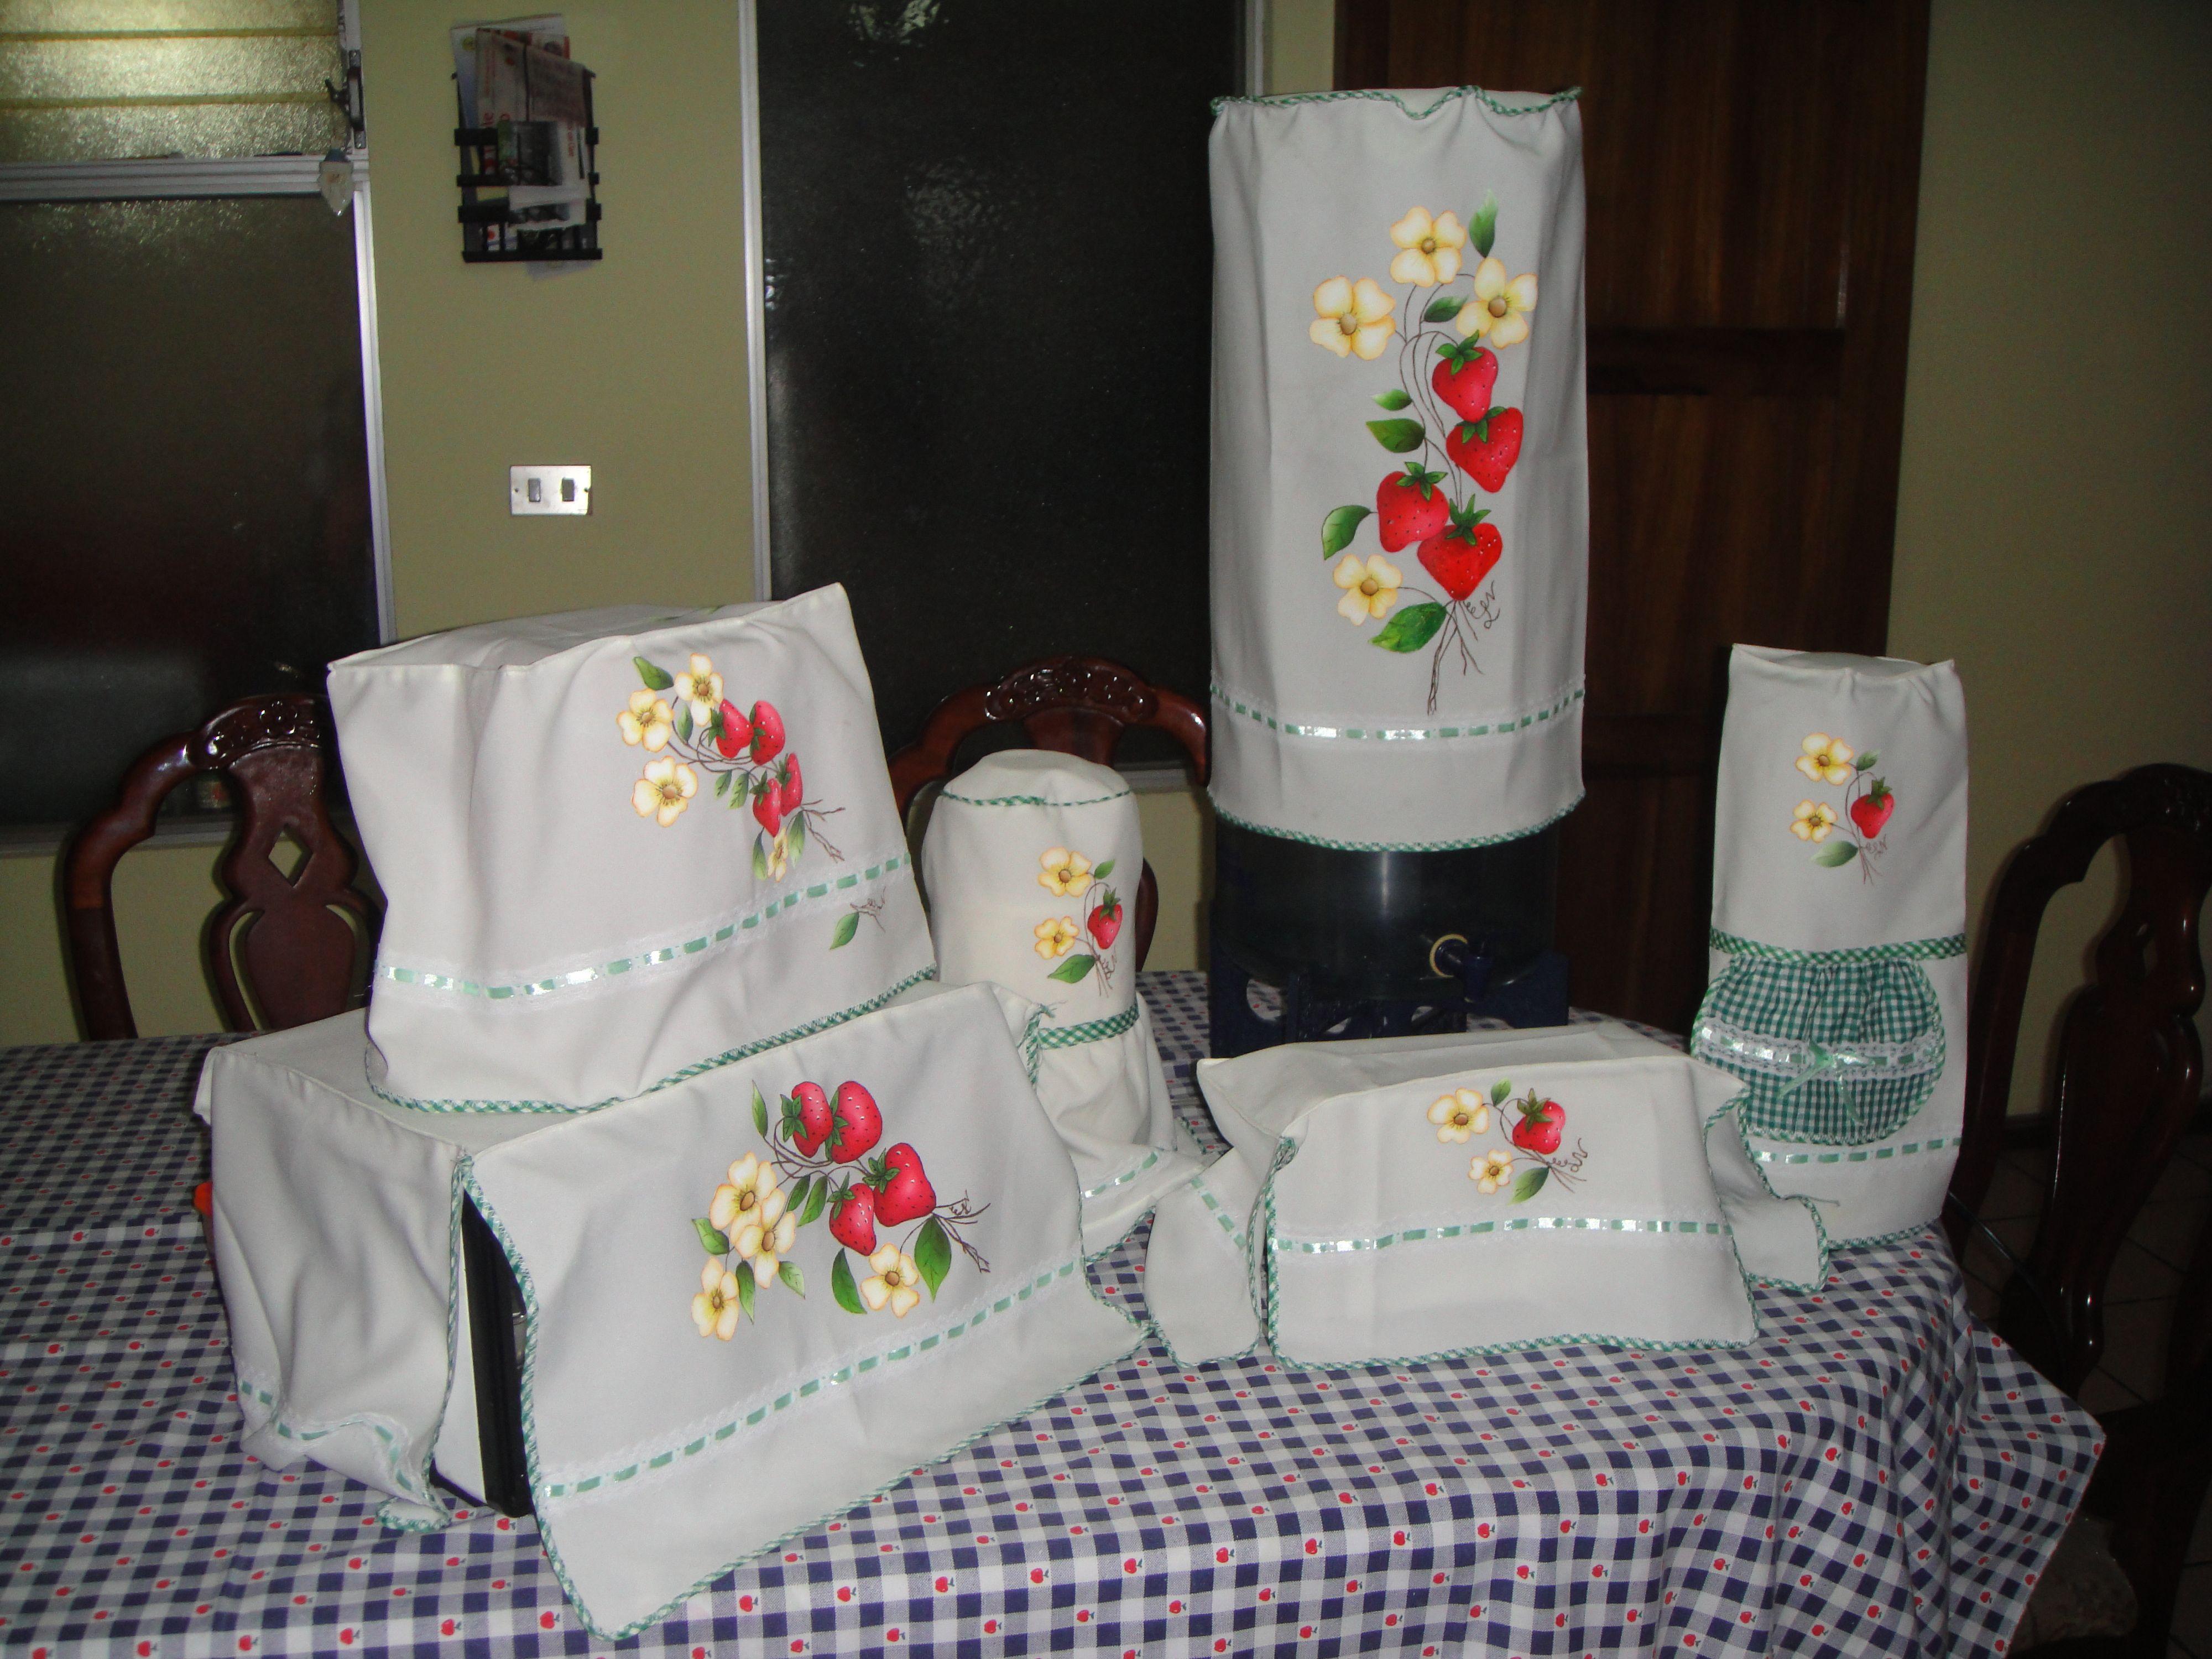 Juego de cobertores para cocina pintura en tela for Juego9s de cocina